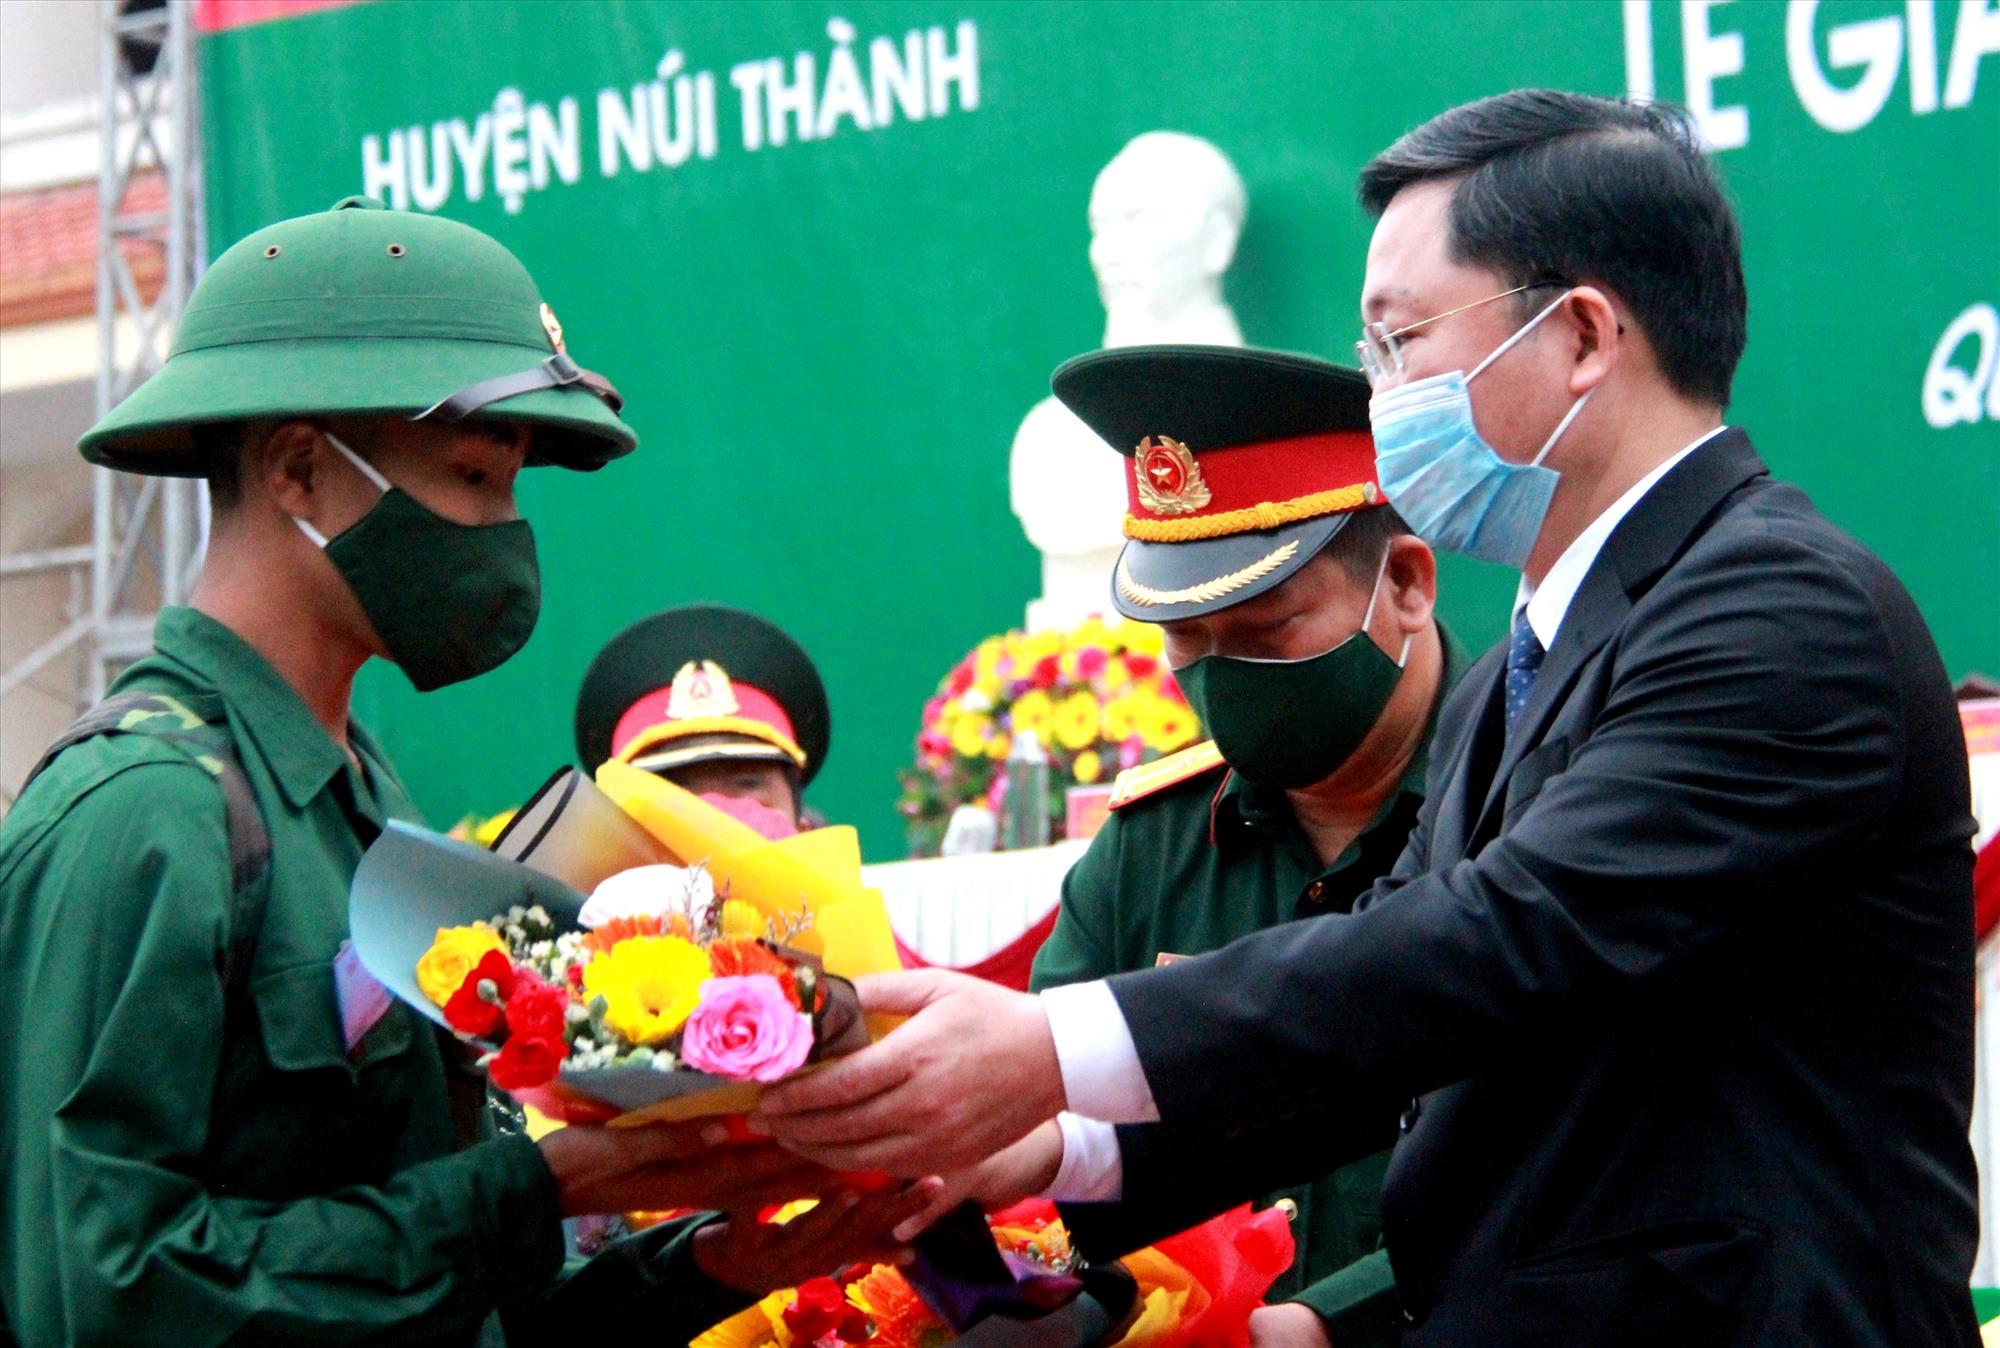 Chủ tịch UBND tỉnh Lê Trí Thanh tặng hoa động viên các chiến sĩ huuyện Núi Thành. Ảnh: ALĂNG NGƯỚC